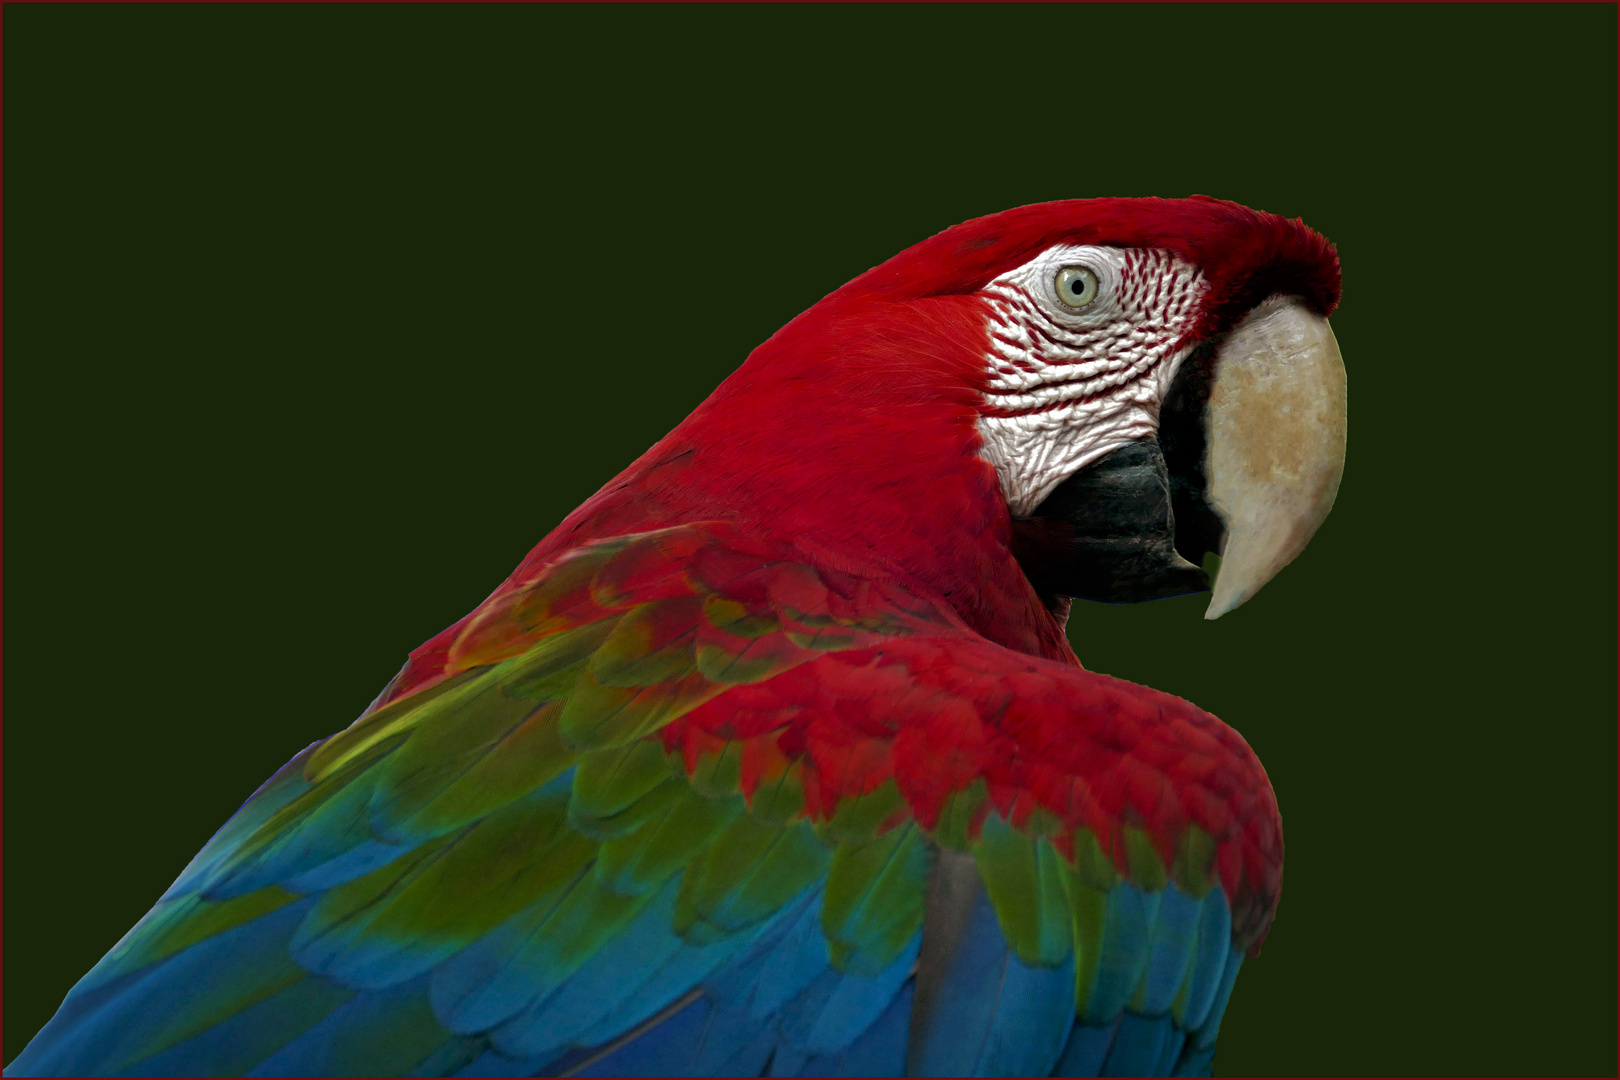 un grand bavard multicolore......